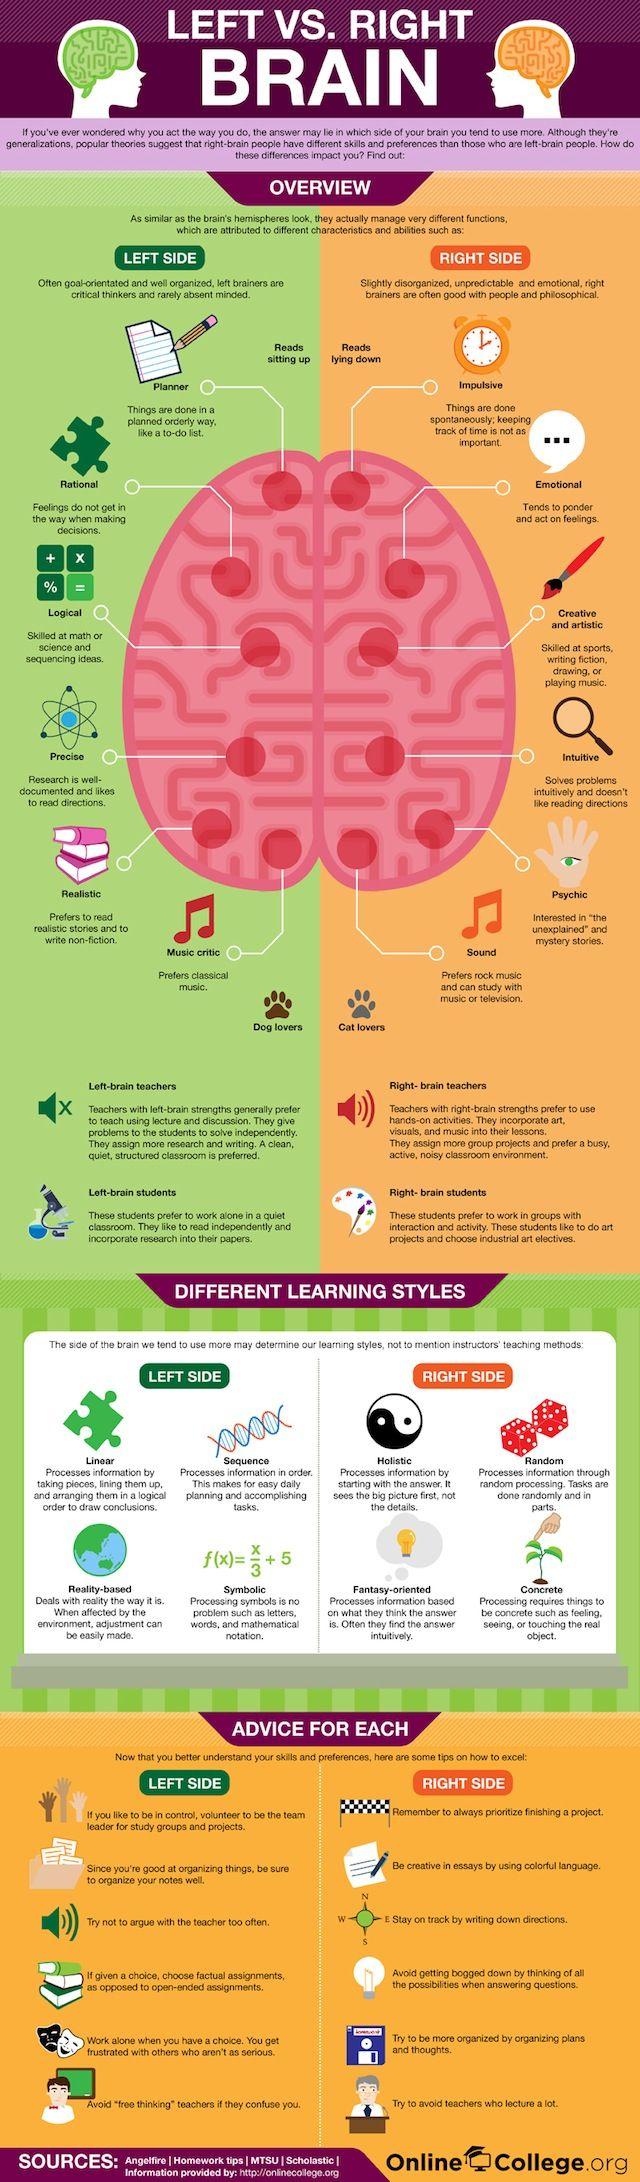 Right Brain vs Left Brain - PositiveMed